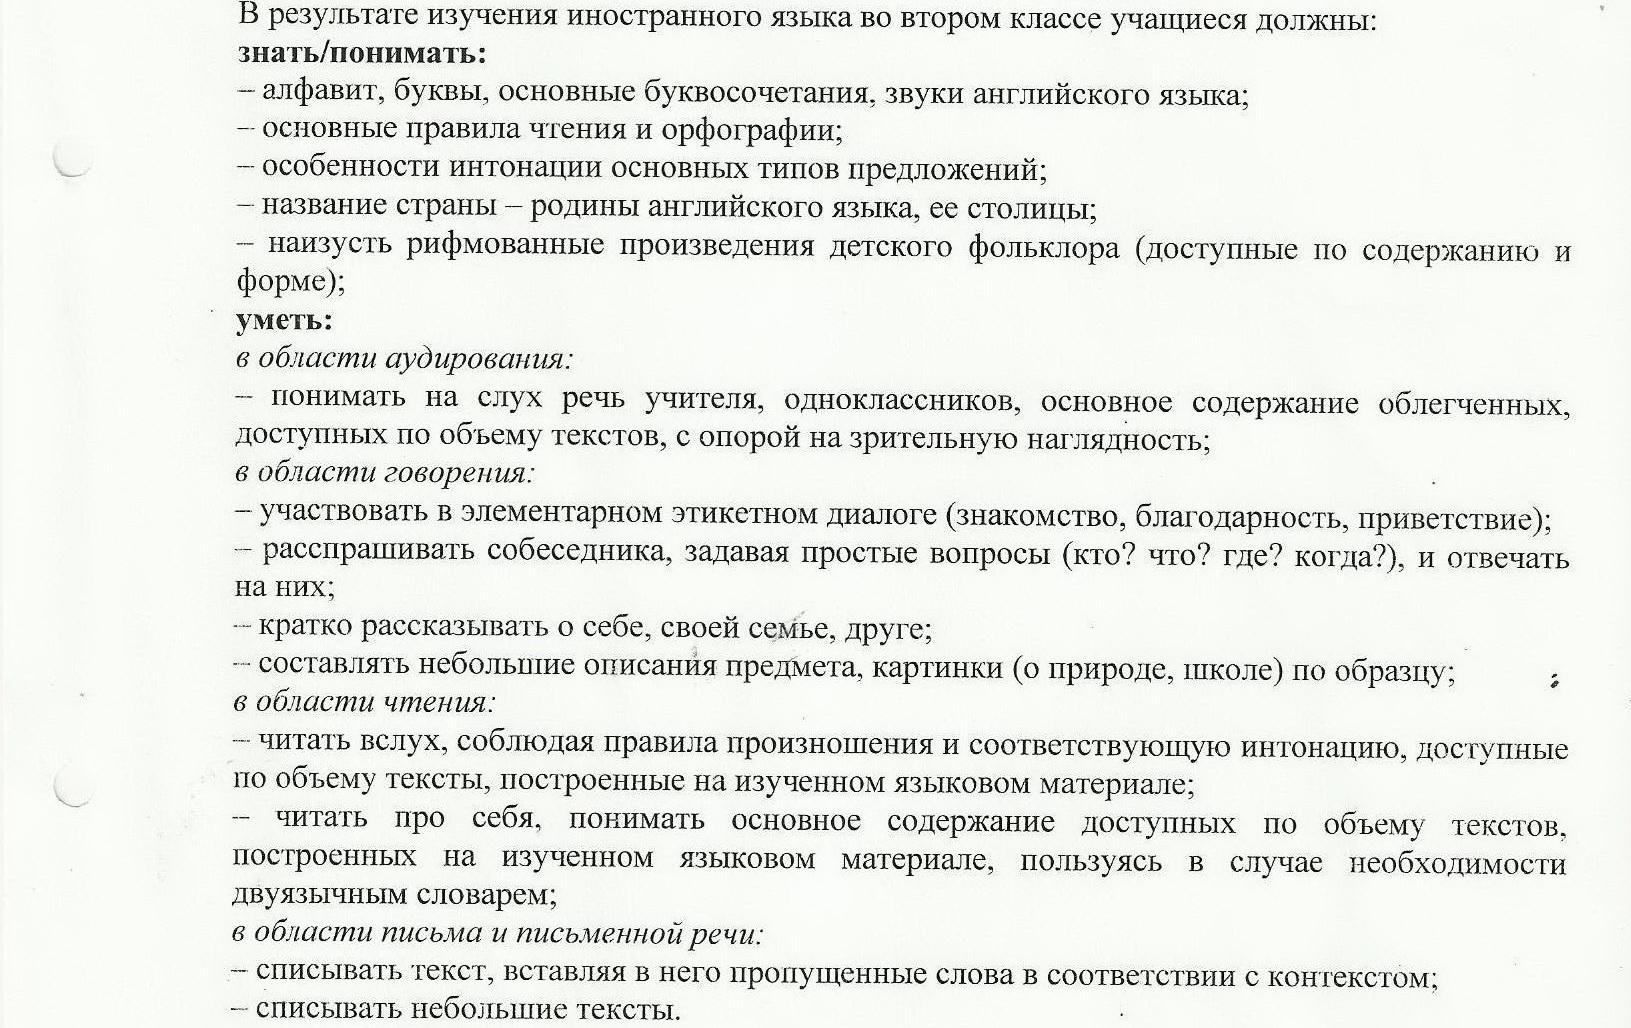 C:\Documents and Settings\Пользователь\Мои документы\рабочие программы\2 класс\2 класс пояснительная\16,.jpg